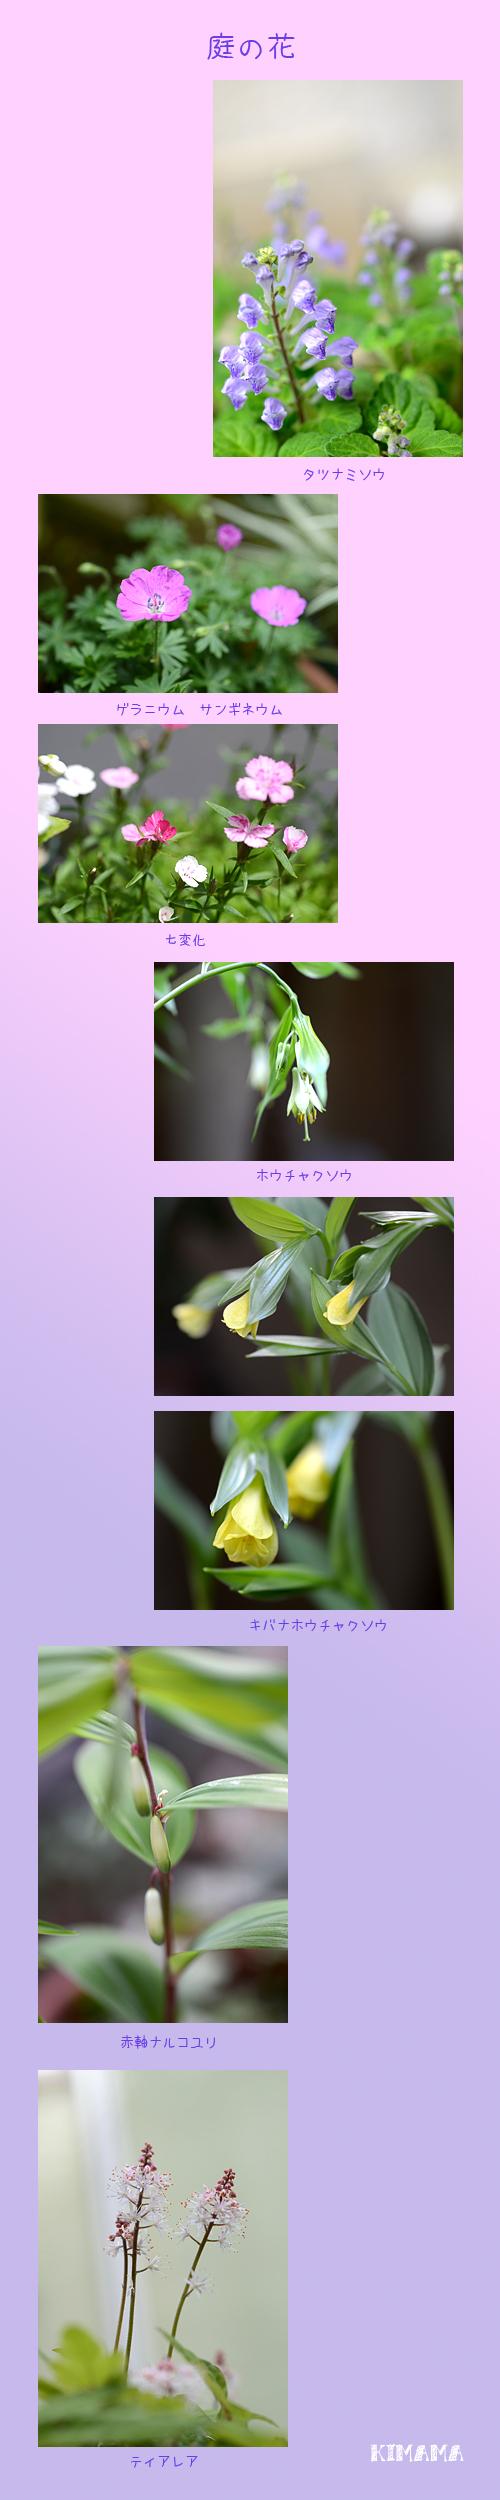 4月20日庭の花